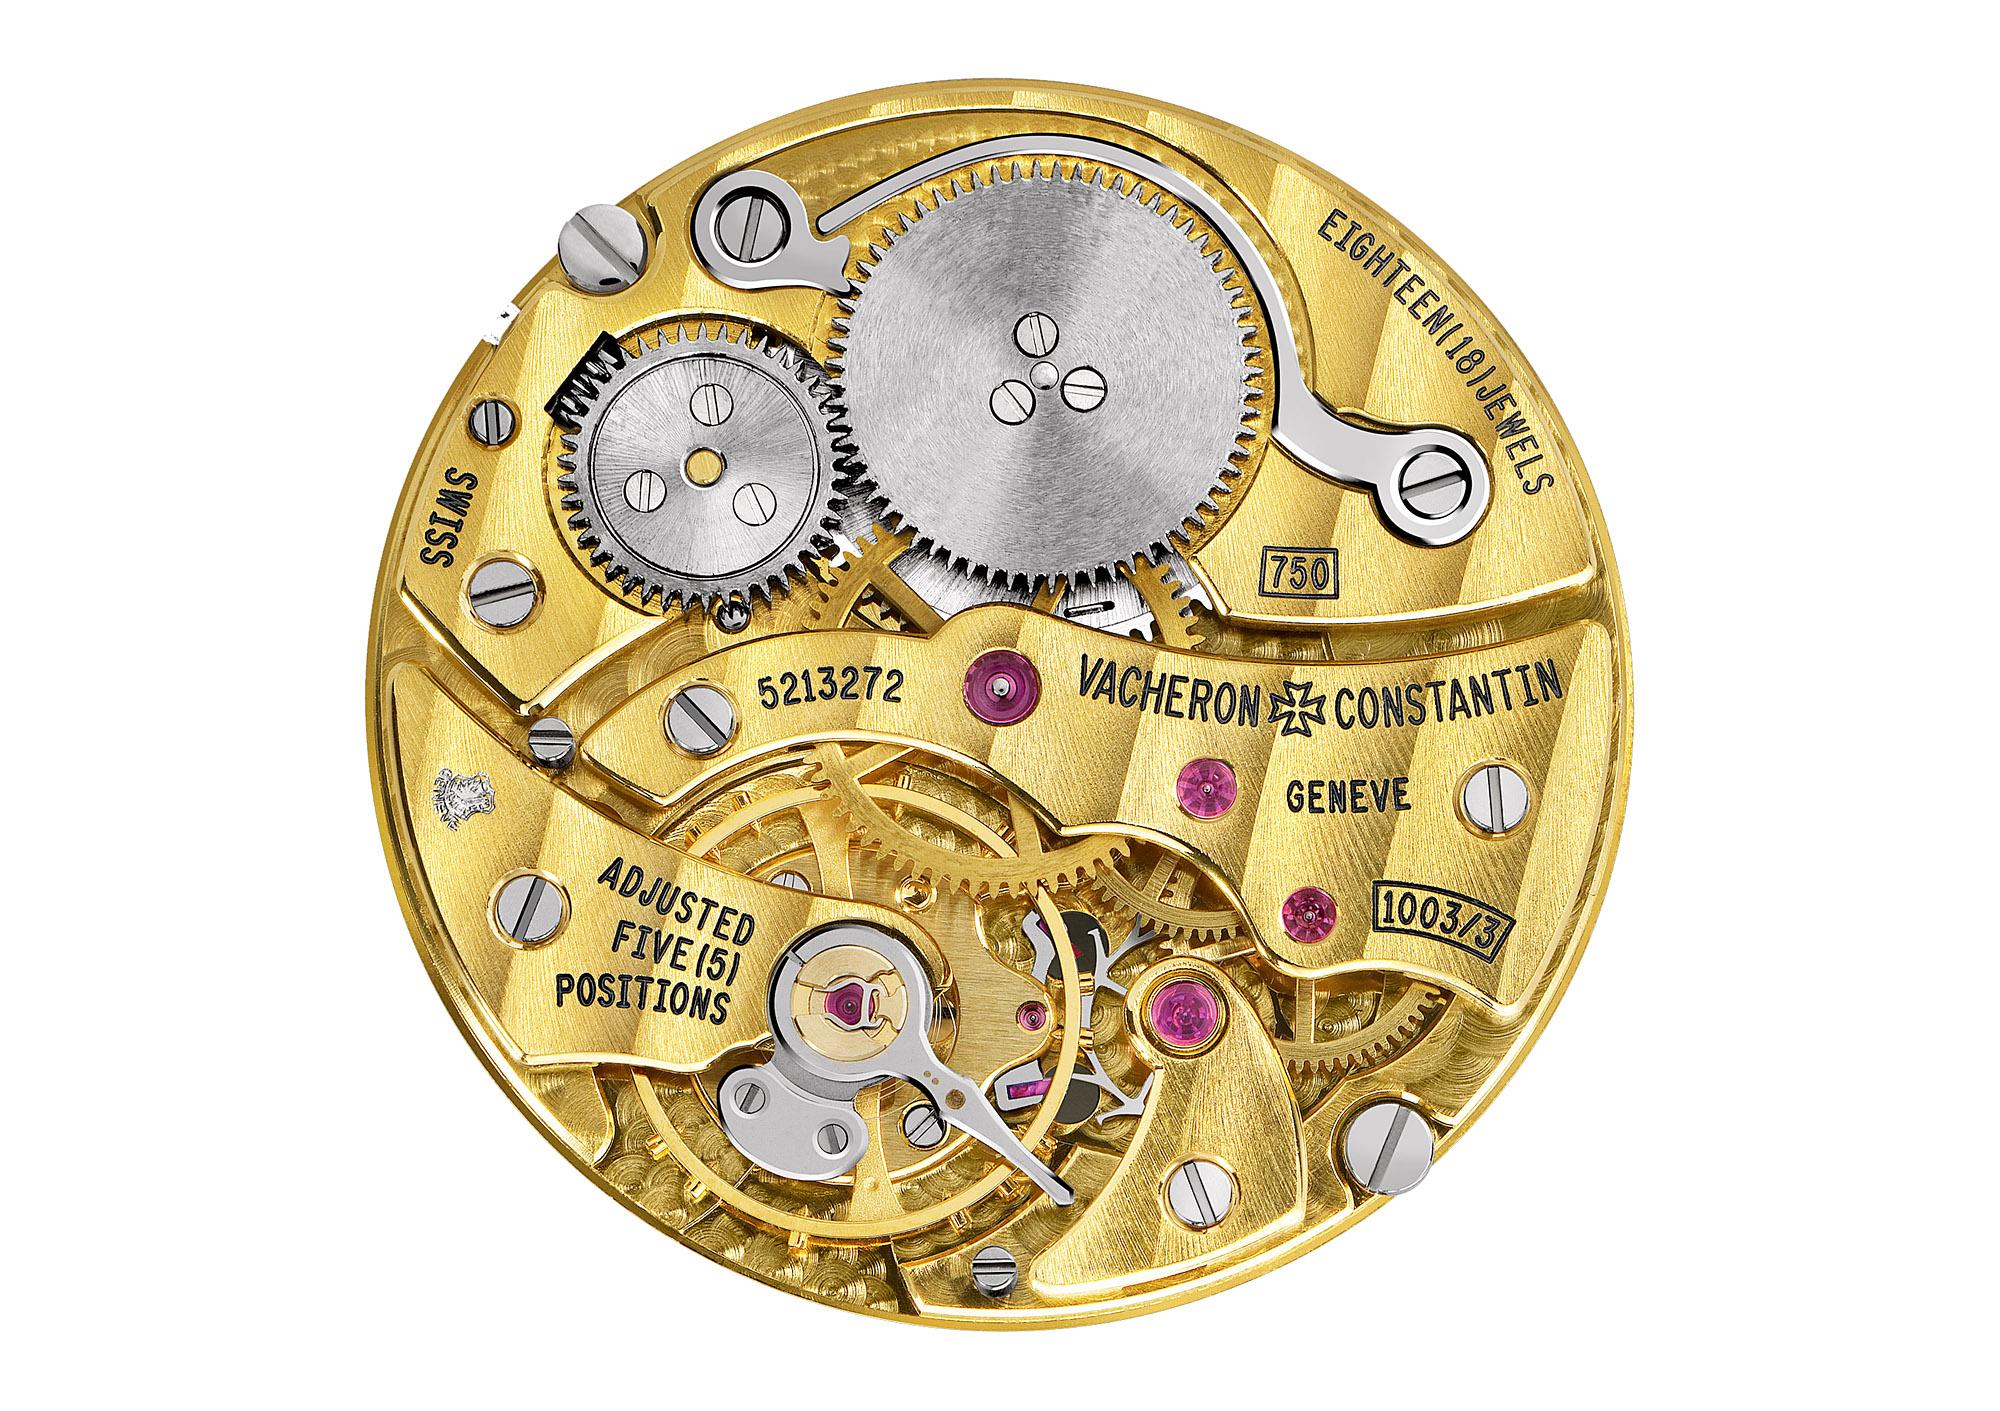 Vacheron Constantin caliber 1003 Geneva seal poincon de geneve handwound gold